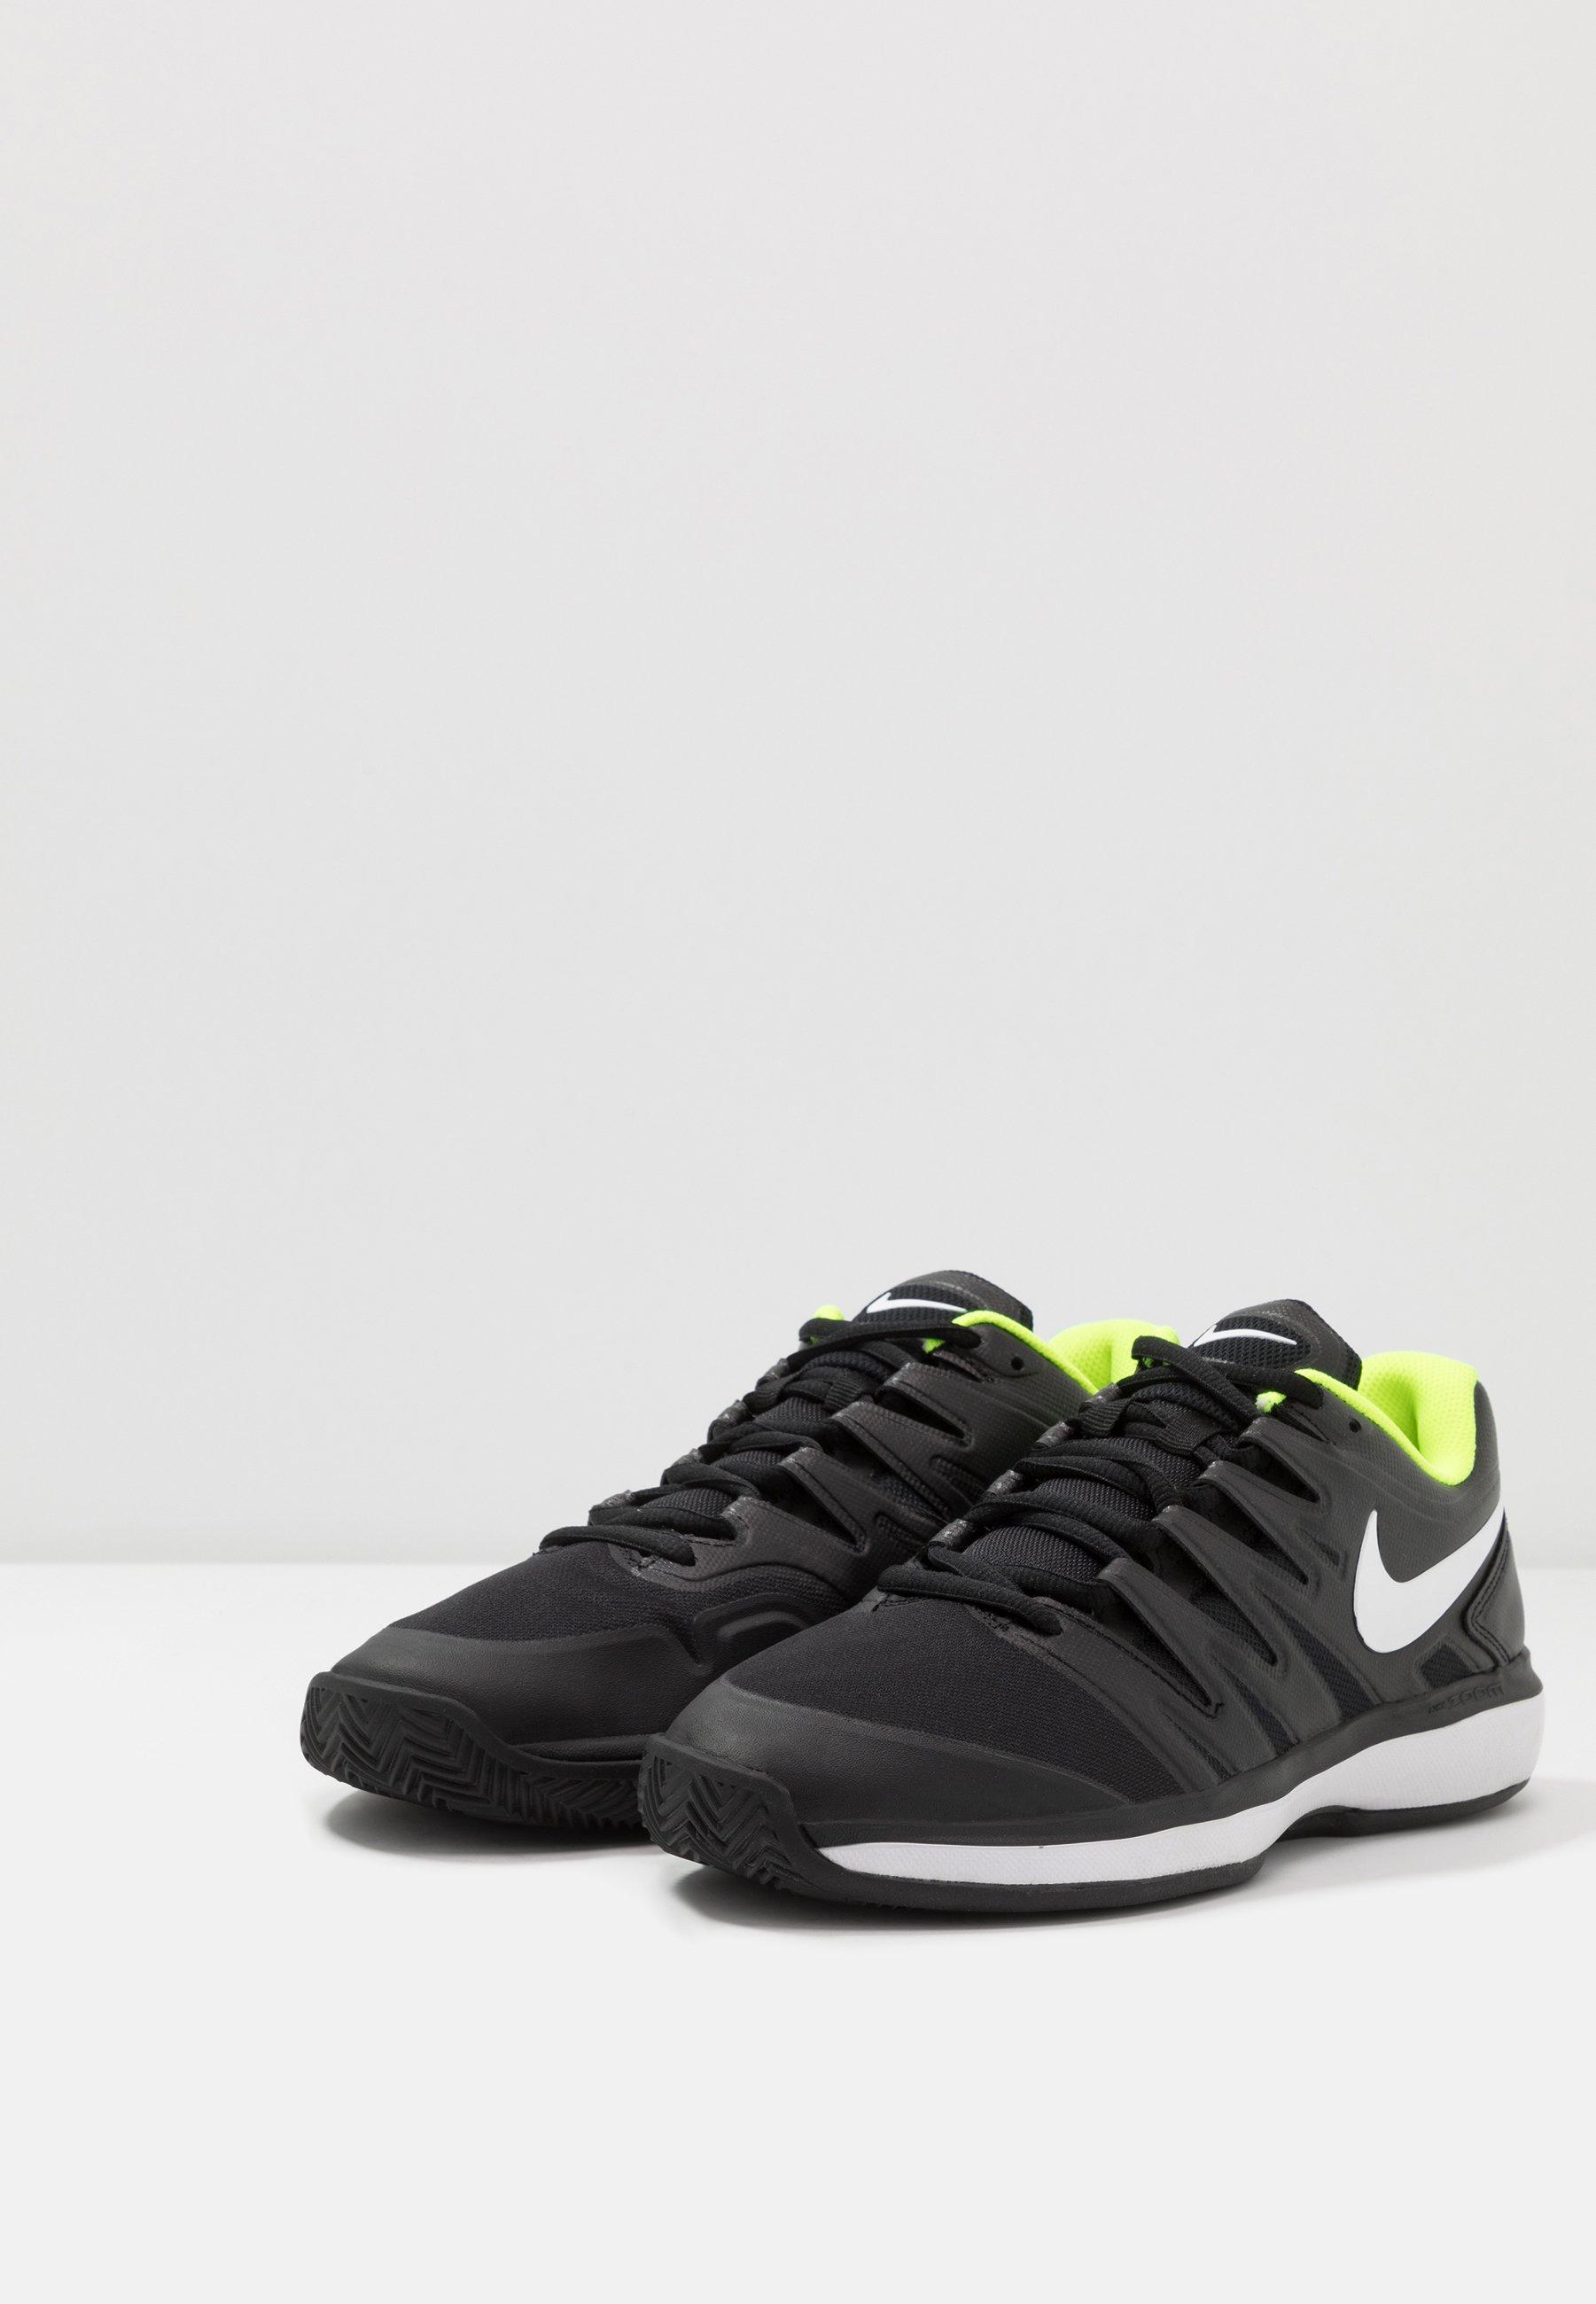 Comprare Scarpe da uomo Nike Performance AIR ZOOM PRESTIGE CLAY da tennis per terra battuta black/white/volt